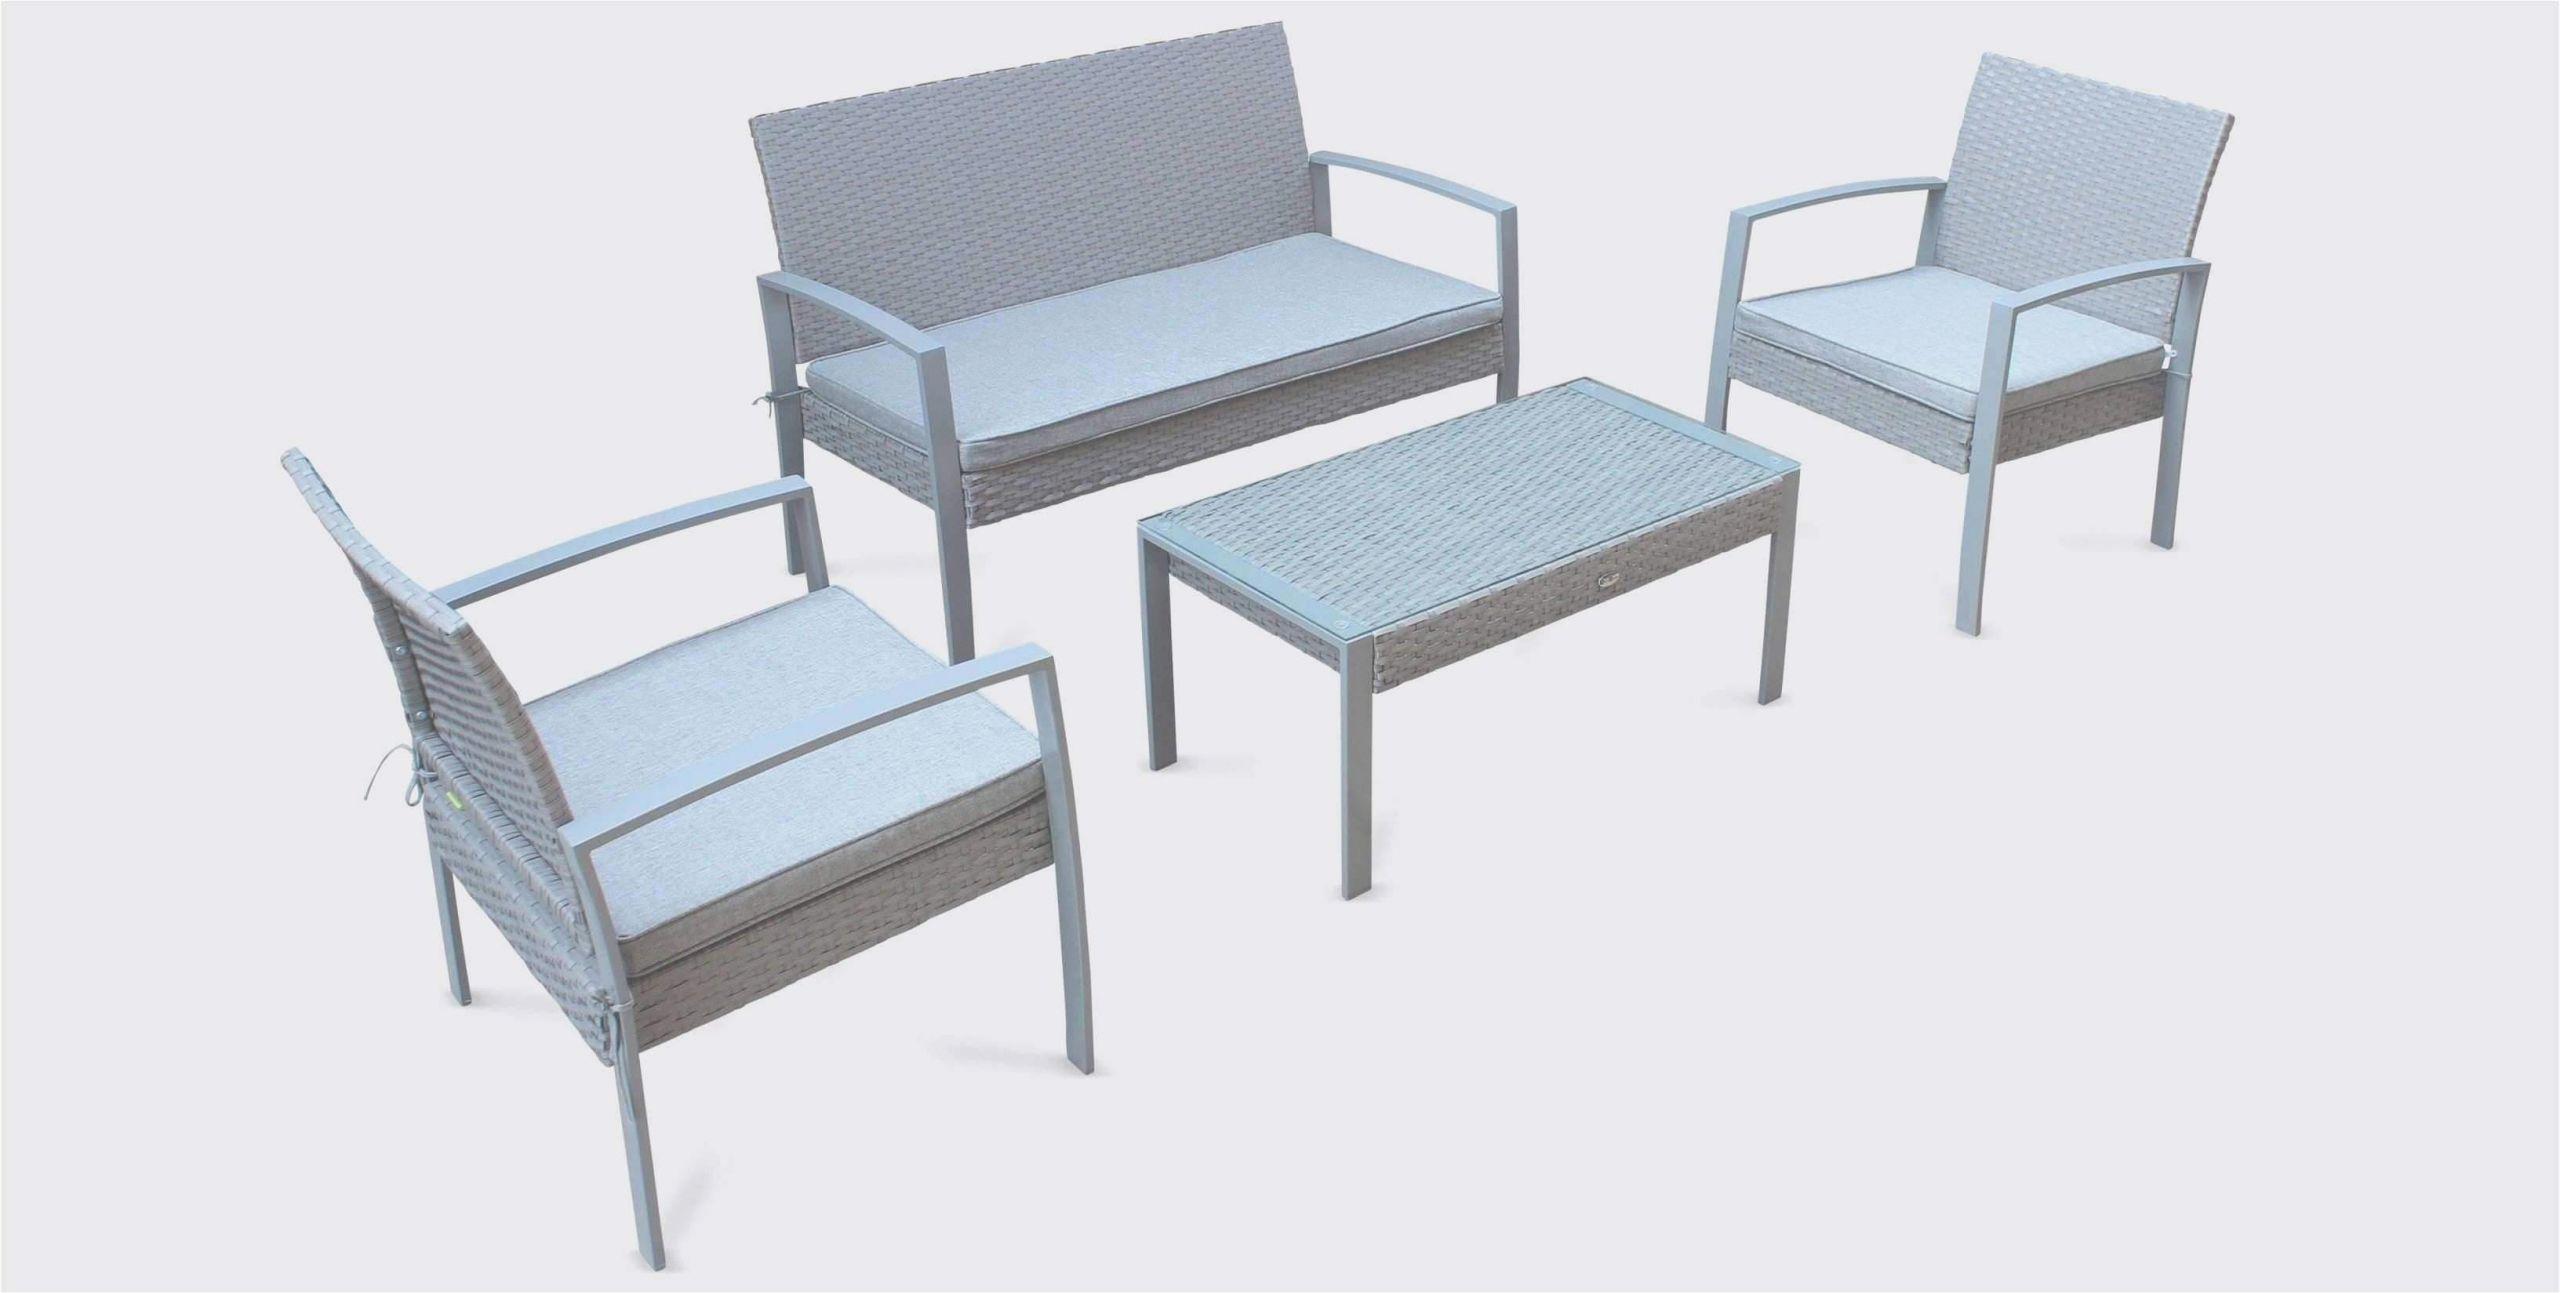 Table Bois Metal Exterieur 23 génial table exterieur teck | salon jardin